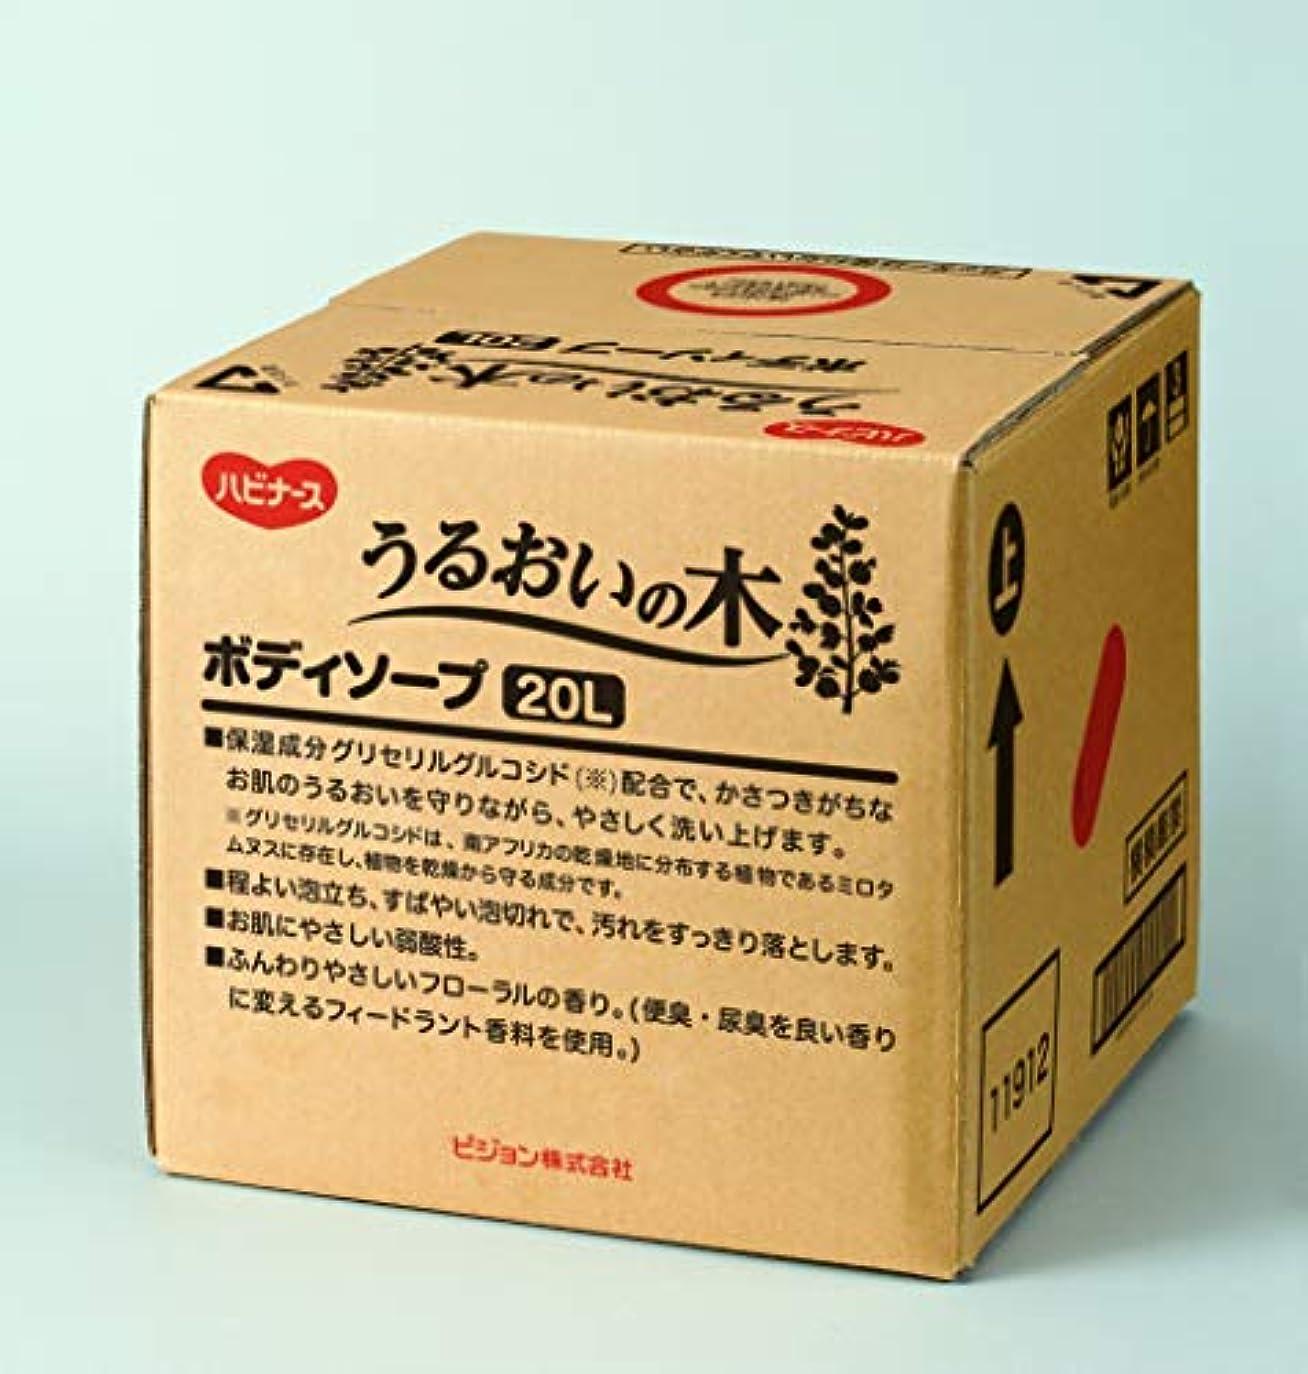 ペルメル虚弱付録ハビナース うるおいの木 ボディソープ 20L [業務用]